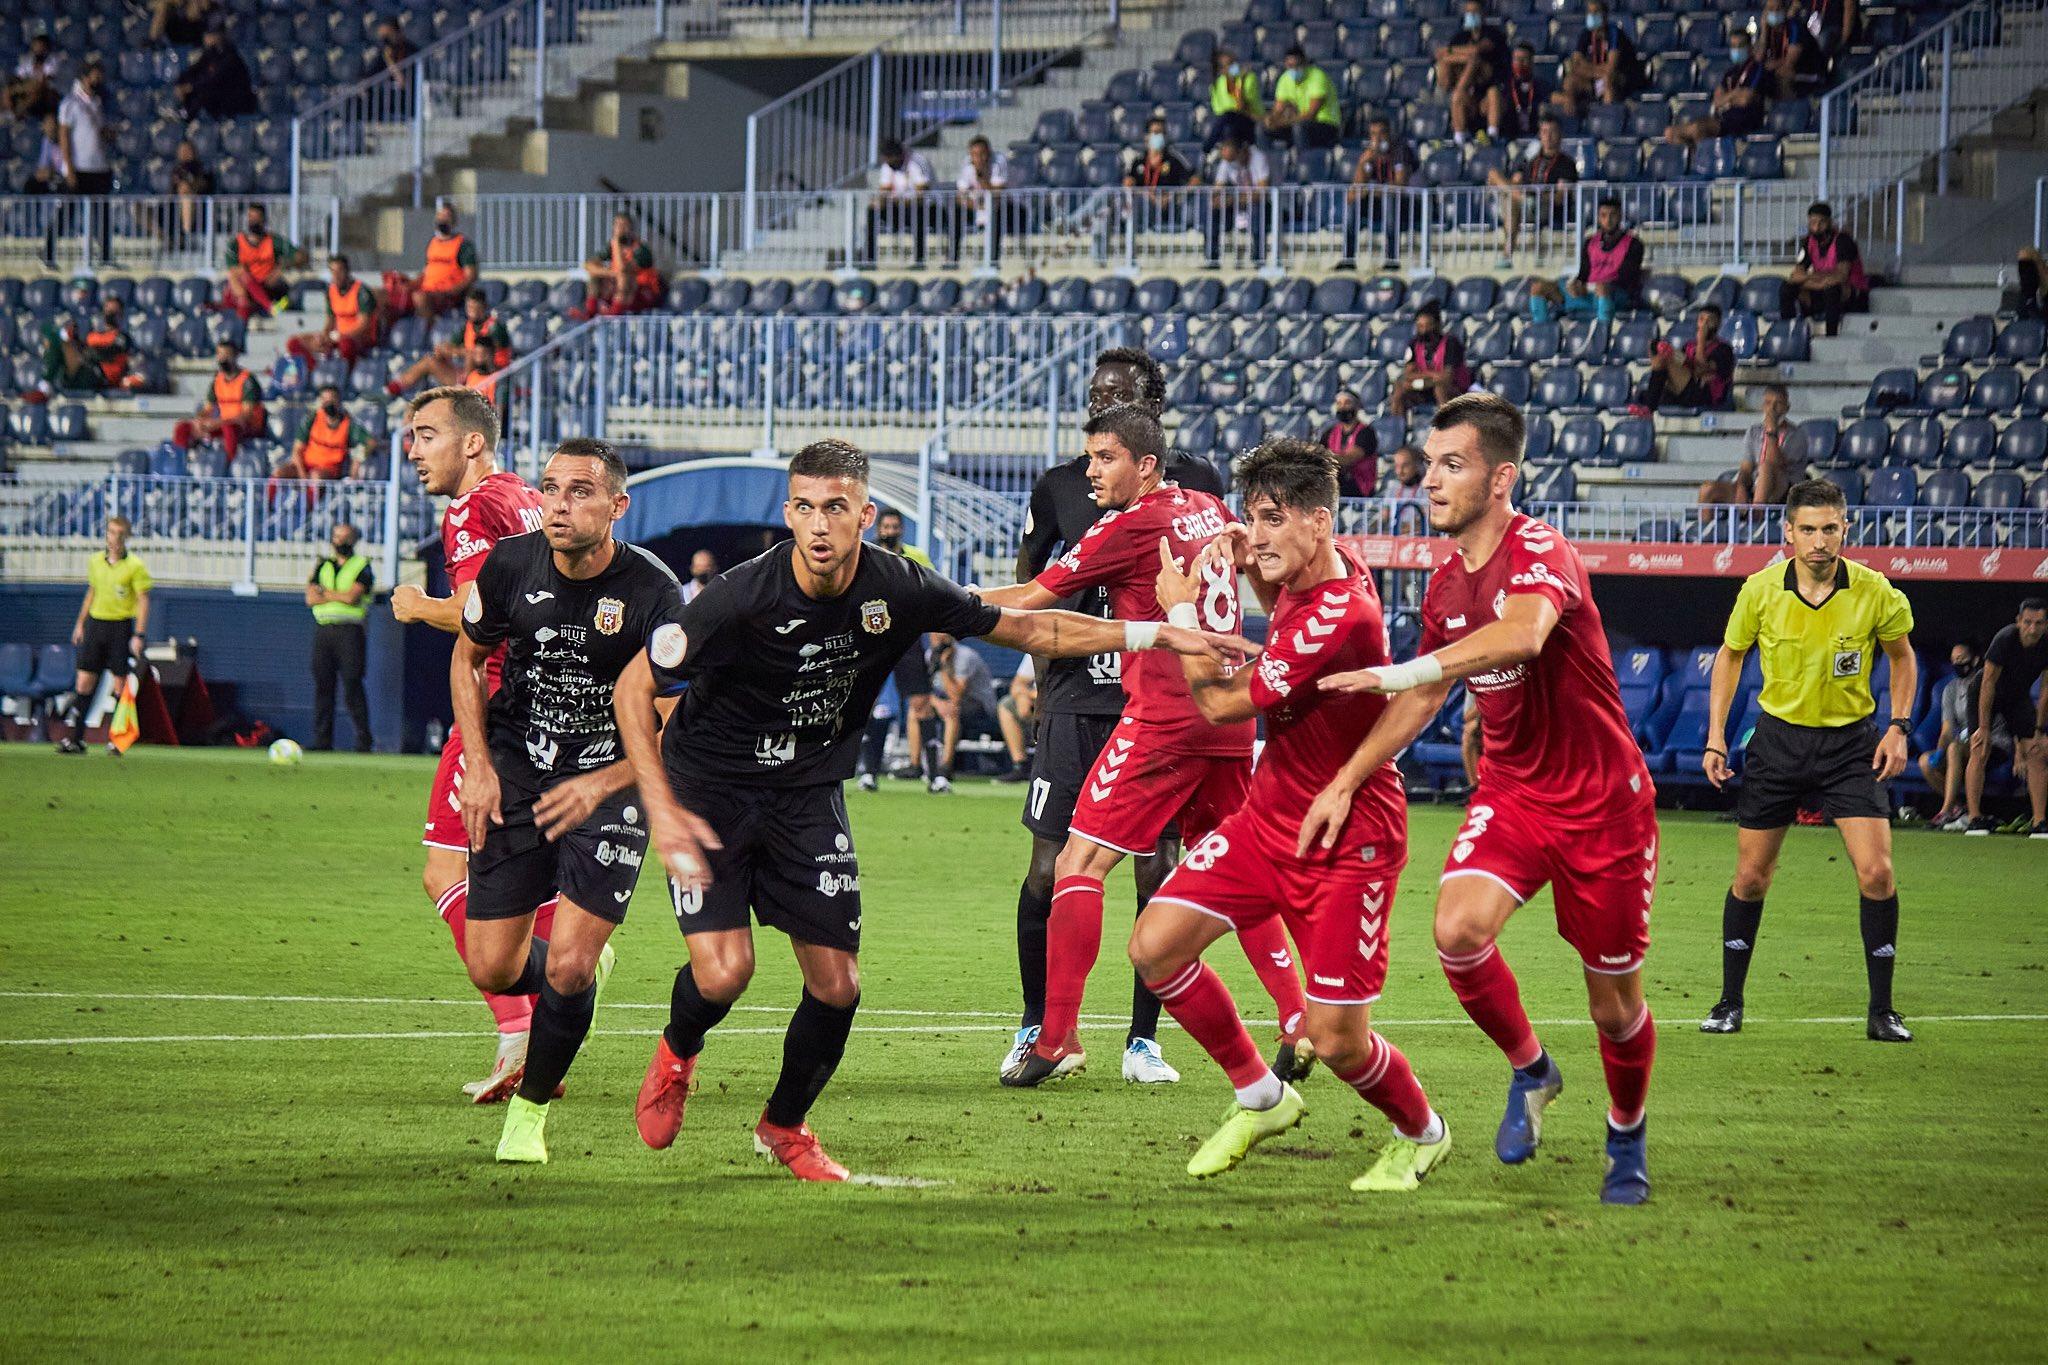 La Peña Deportiva de Fran Núñez perdió 0-1 ante el CD Castellón